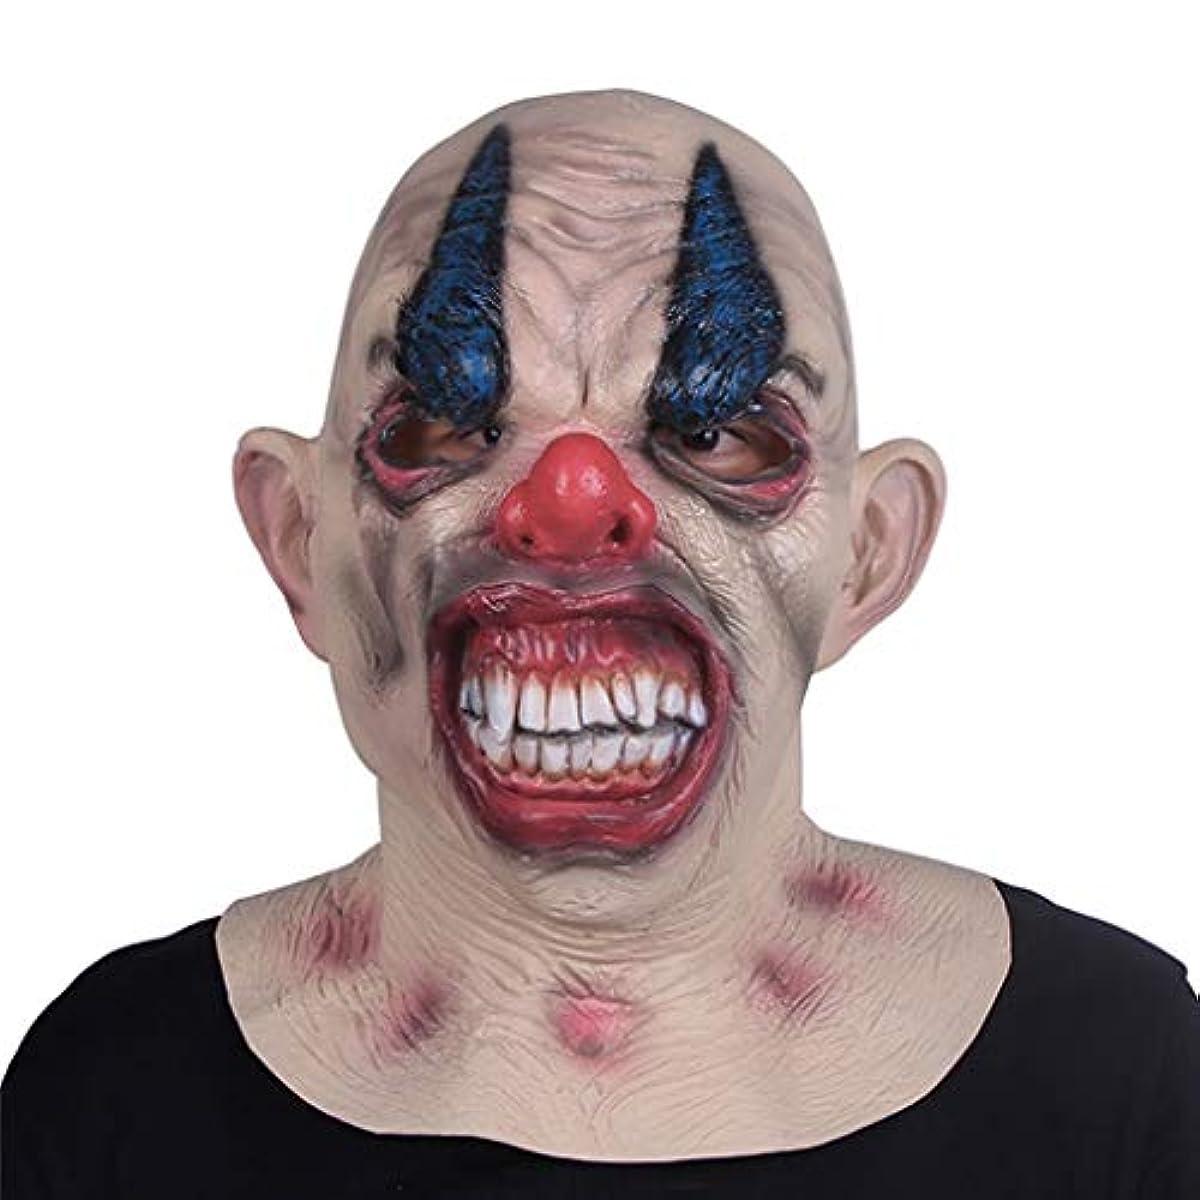 受賞マージステートメントハロウィンホラーマスク成人男性フルフェイス怖いラテックスヘッドセットハロウィン東京グールマスクゴーストフェイスデビル (Color : B)